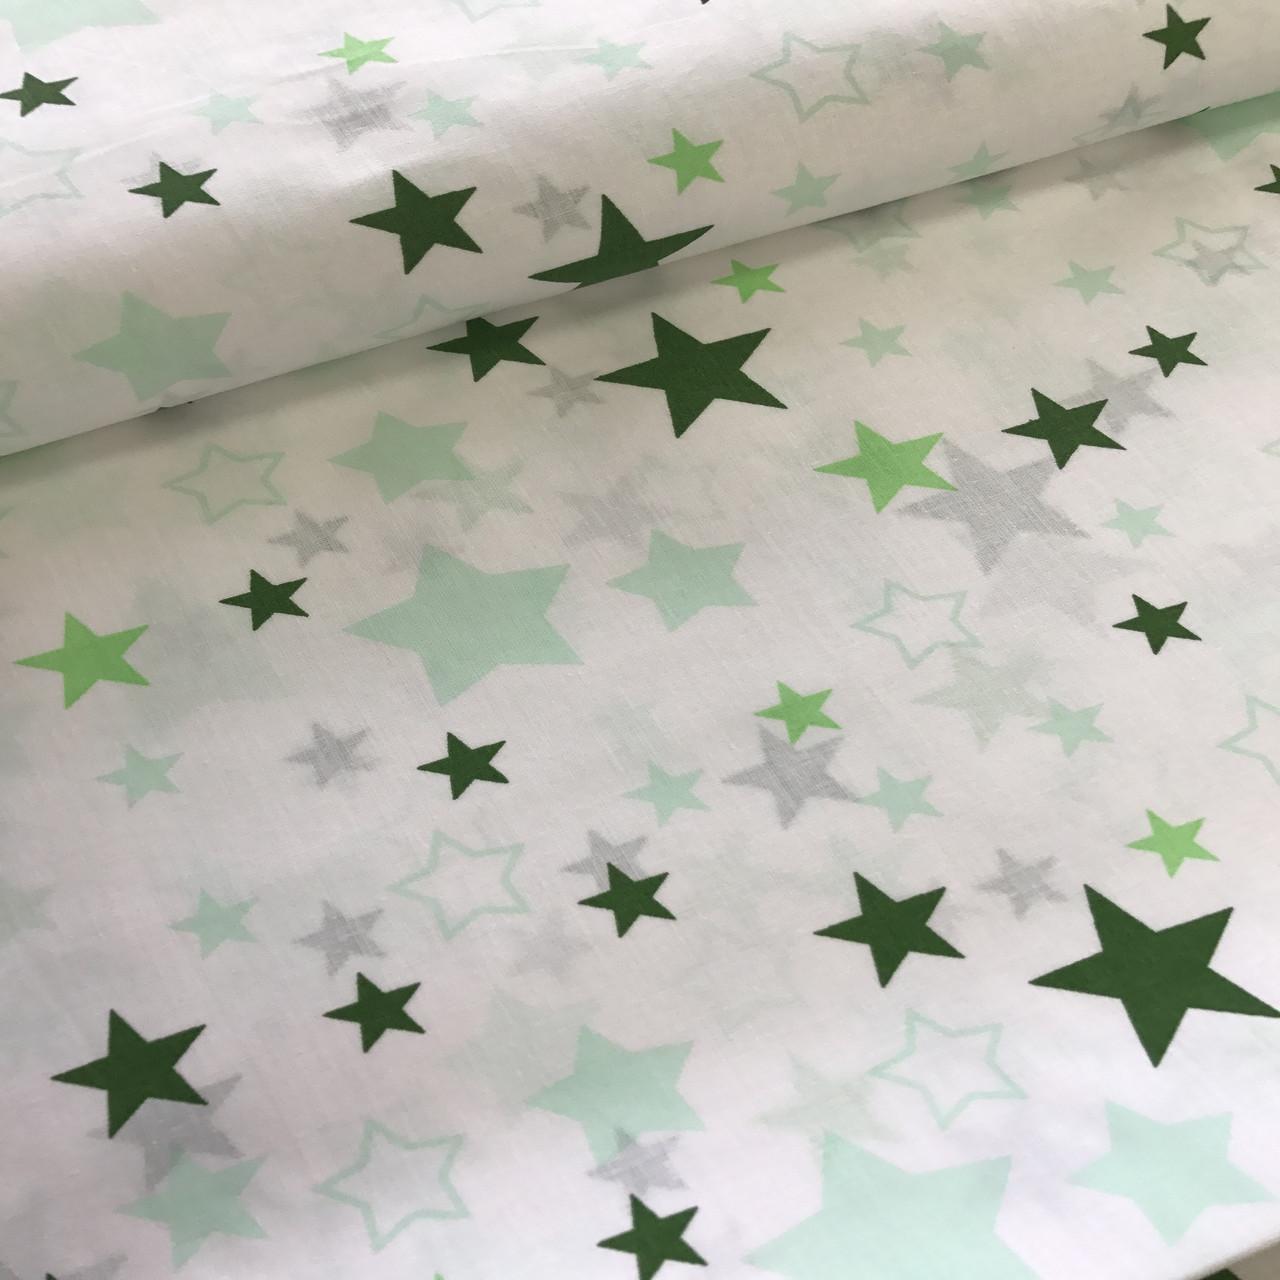 Хлопковая ткань польская звезды белые, зеленые, салатовые большие и маленькие на белом №107